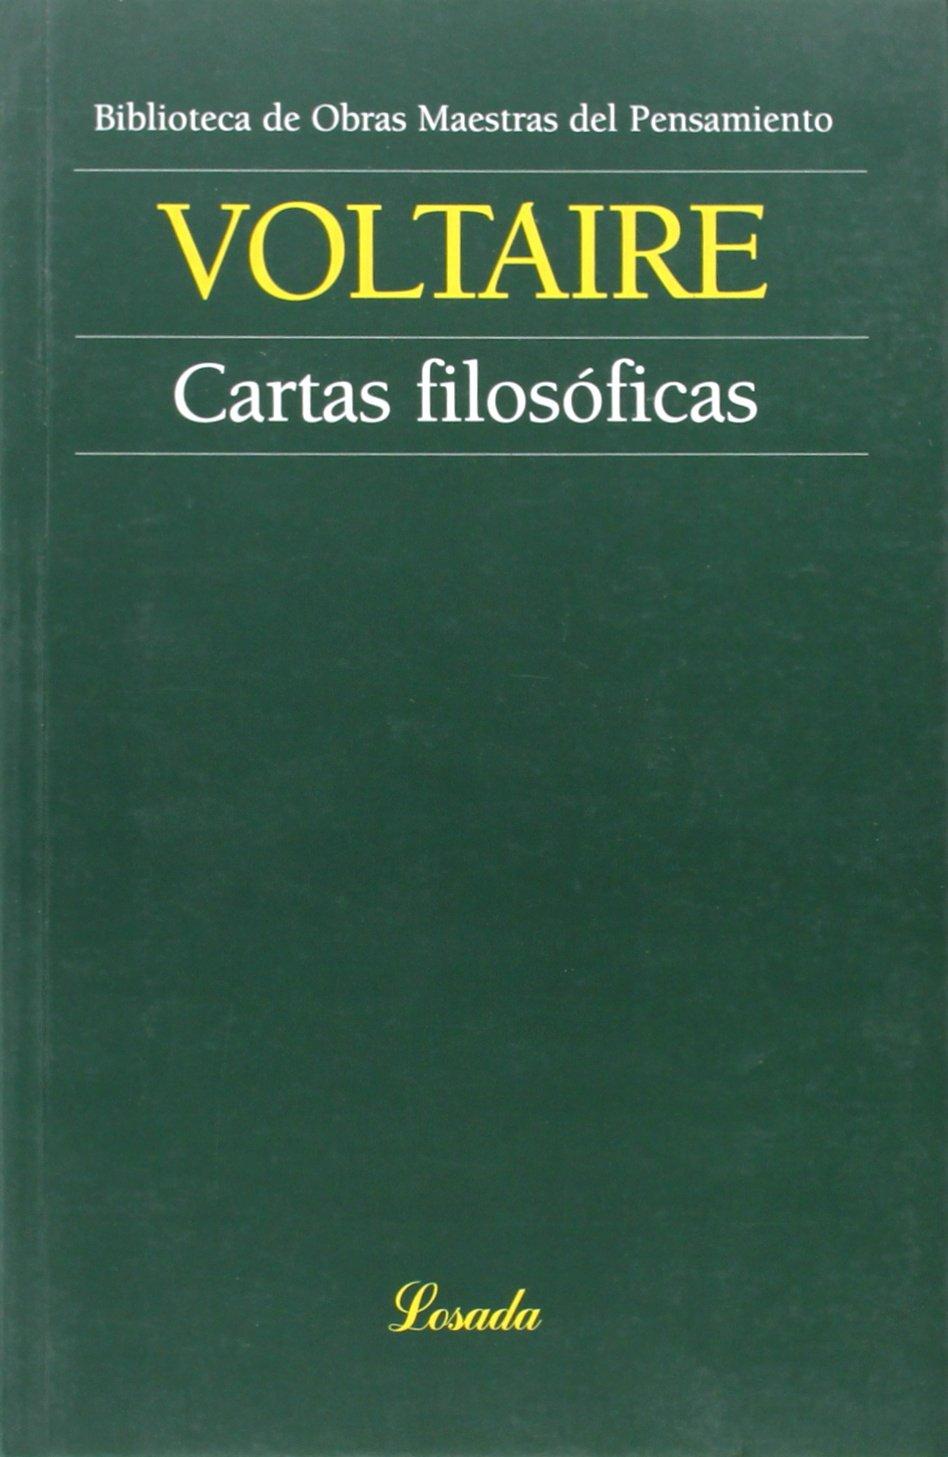 Cartas filosóficas: VOLTAIRE: 9789500399098: Amazon.com: Books